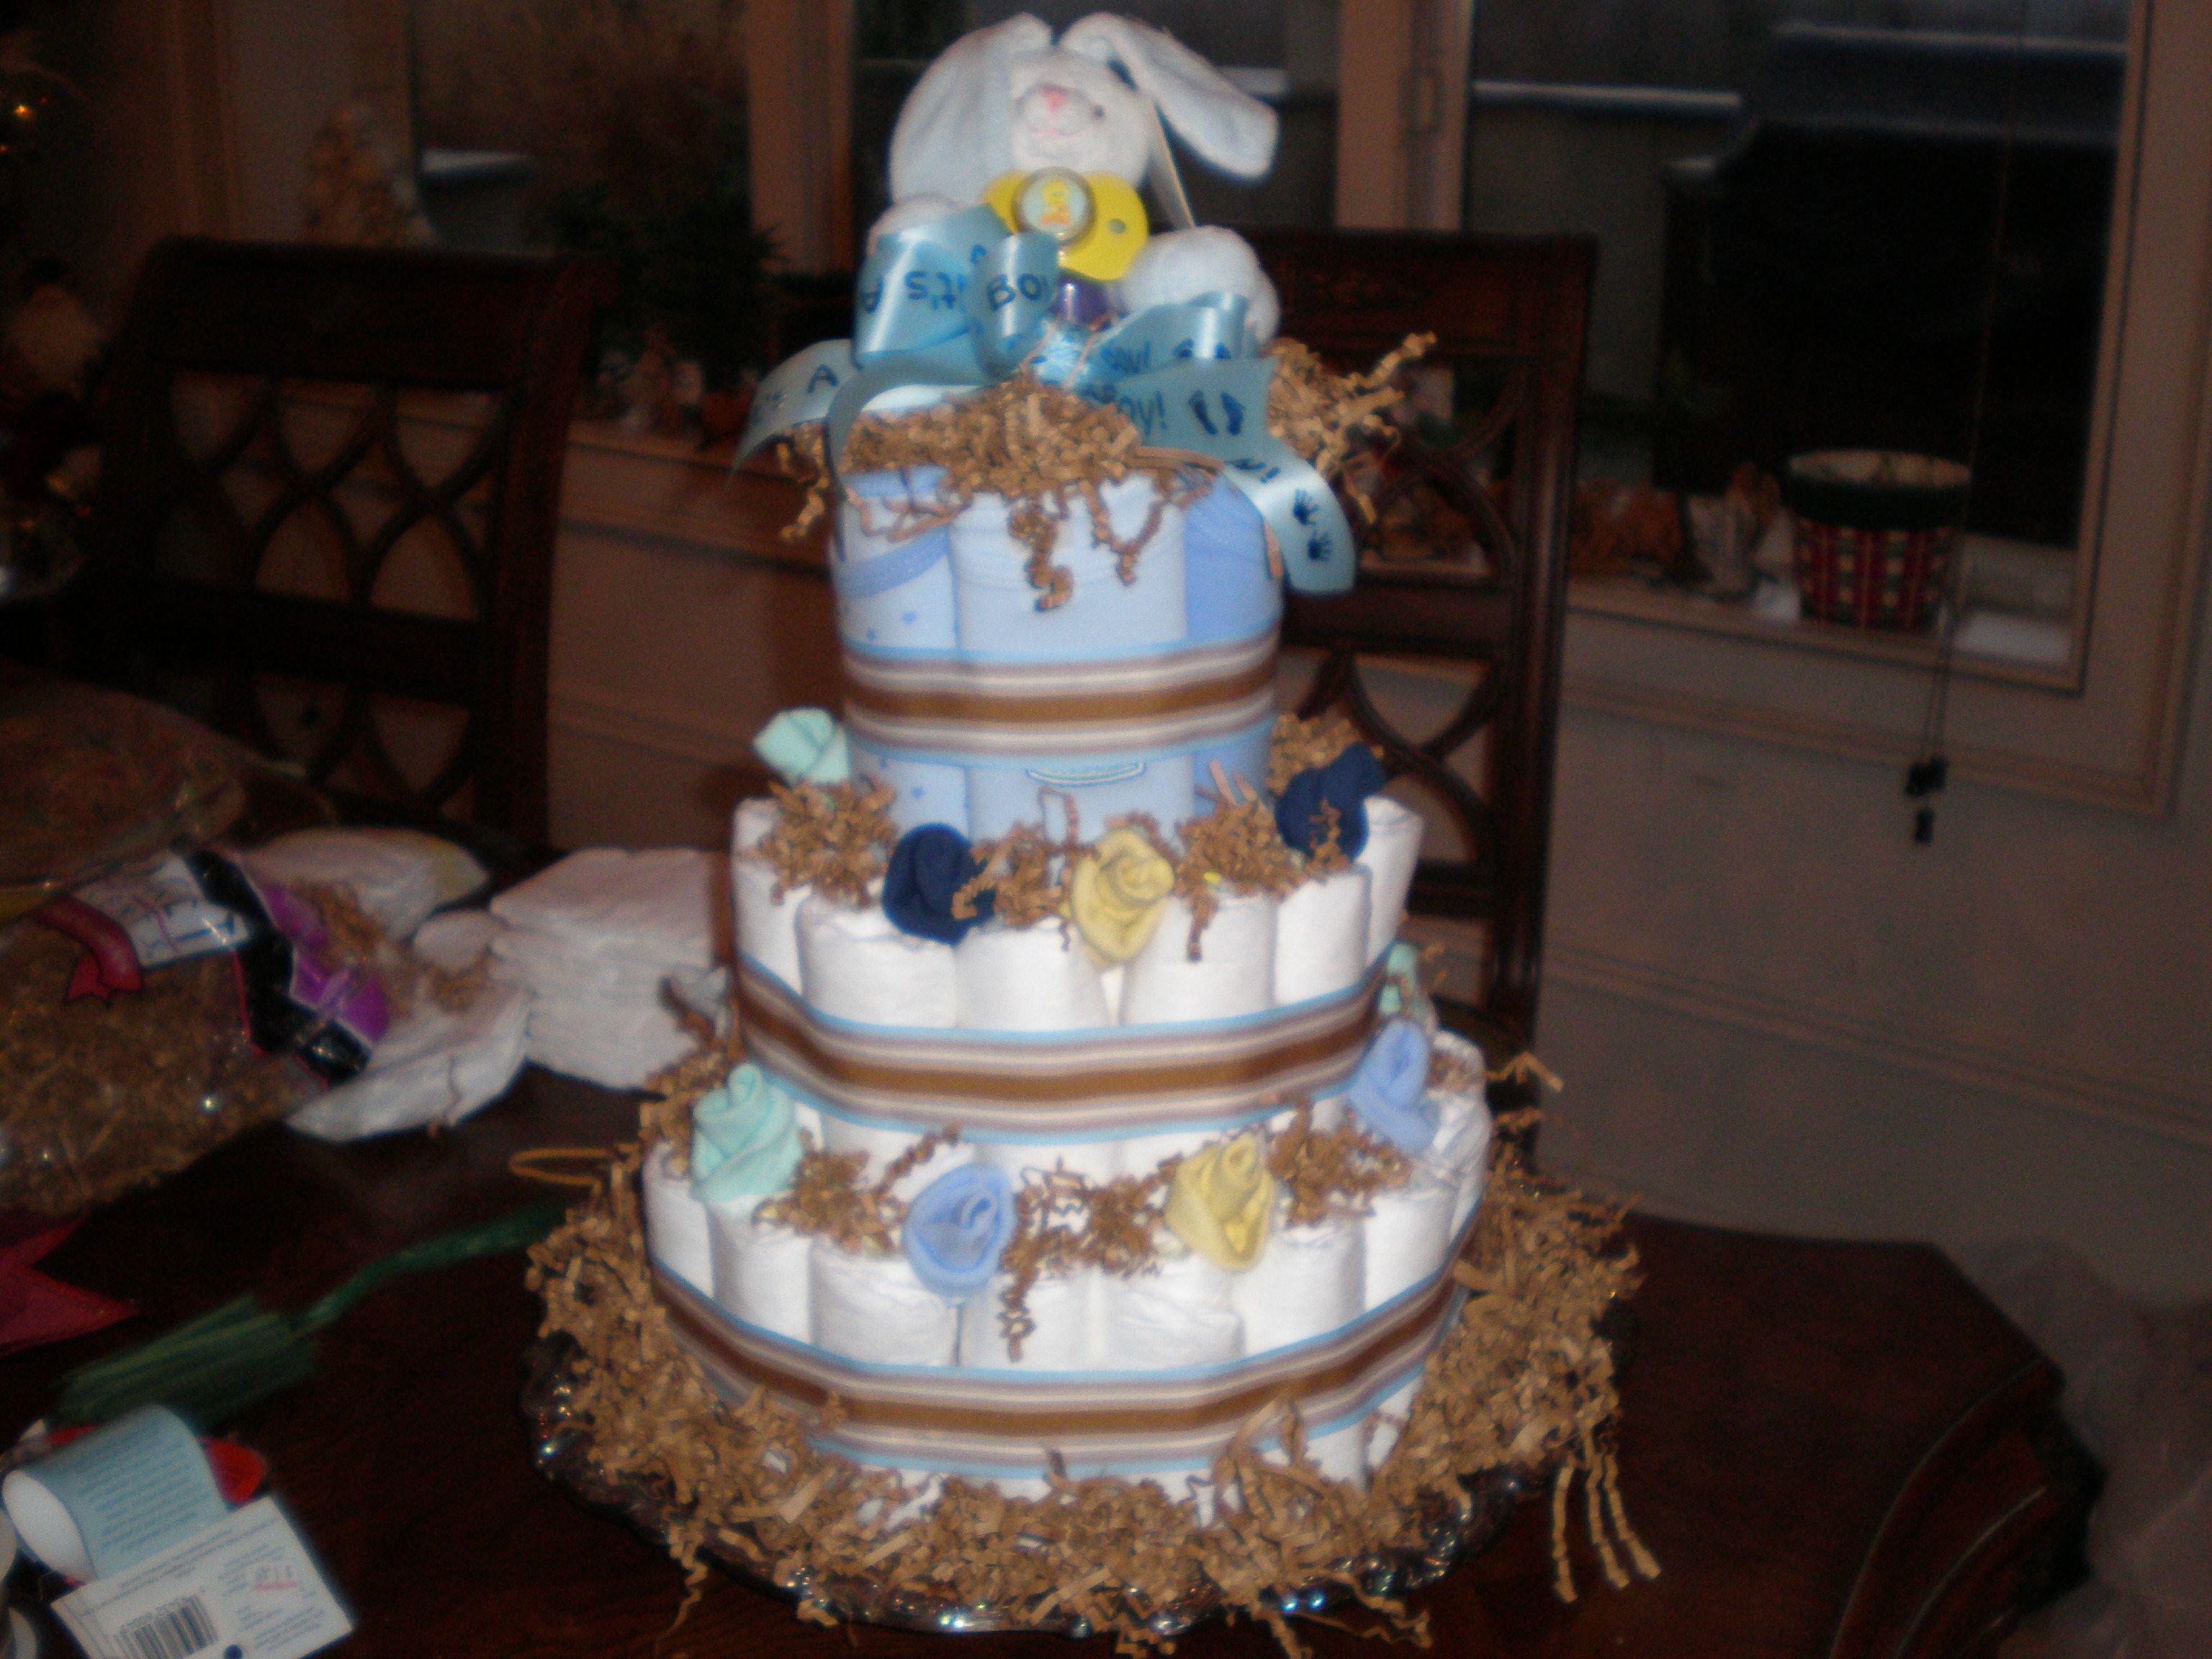 Diaper Cake for baby shower or hospital gift